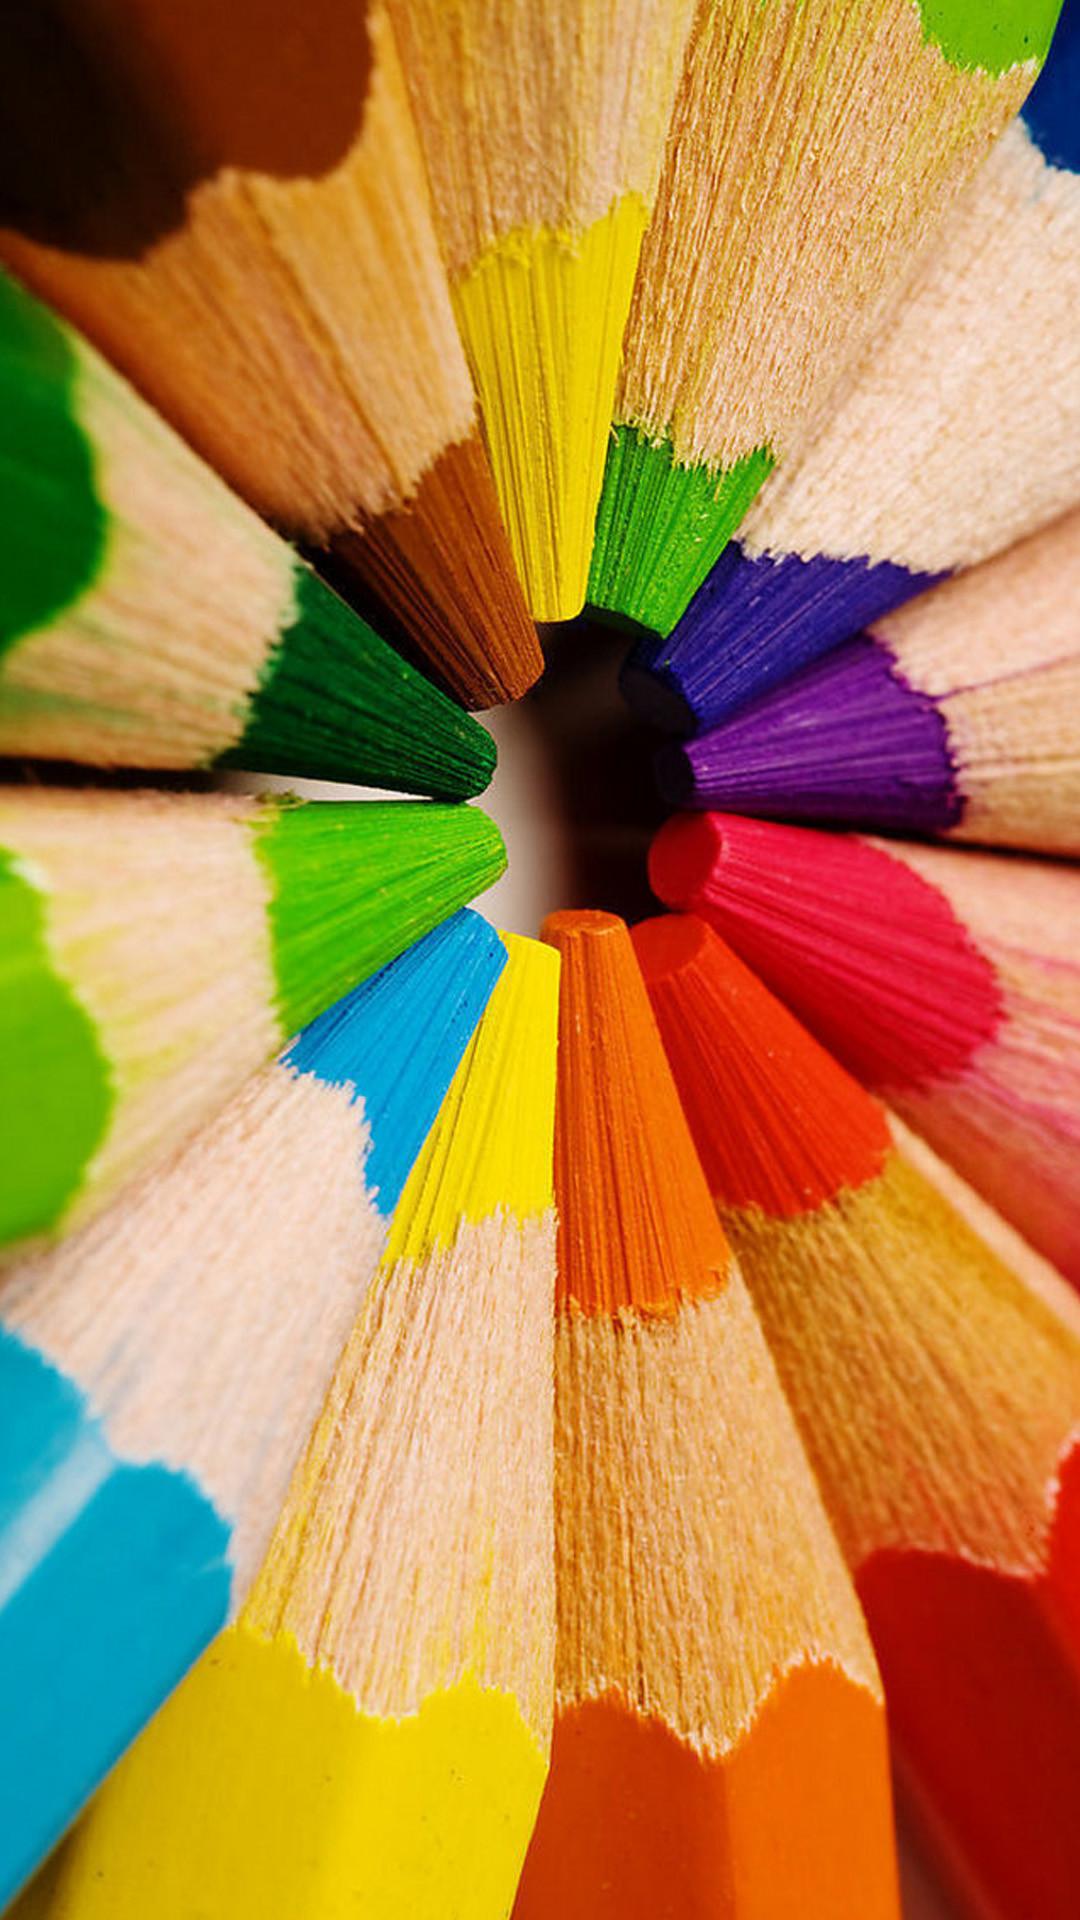 Colourful Iphone X Wallpaper Sfondi Colorati 51 Immagini